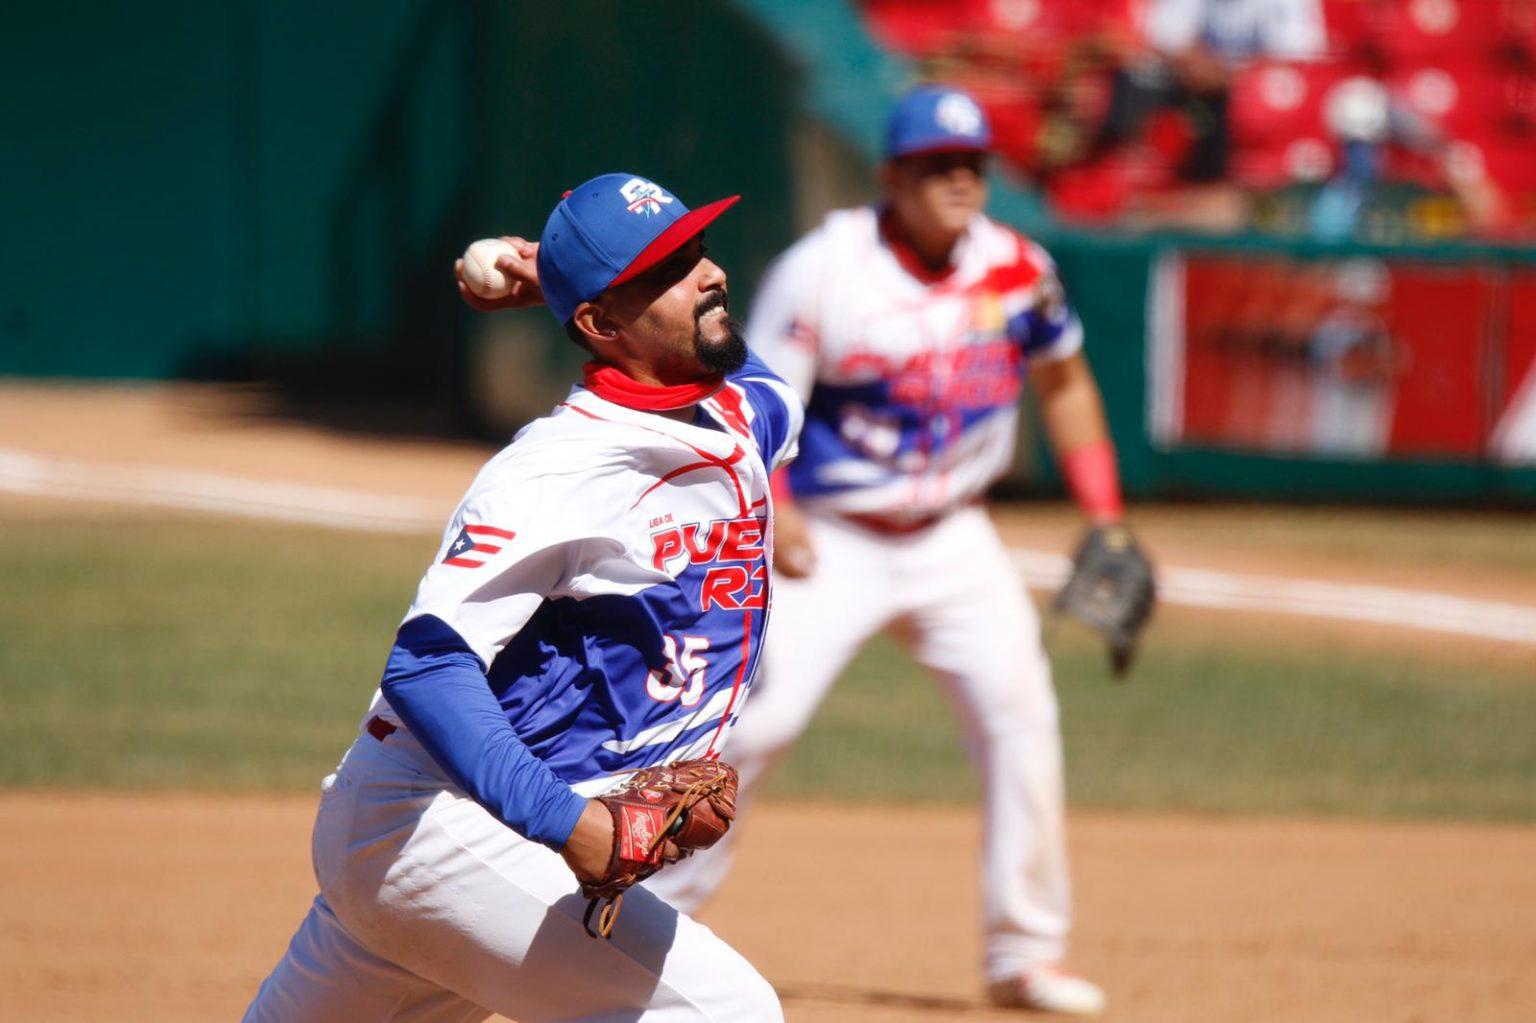 Giovanni Soto trabajó por espacio de dos entradas logrando el triunfo para Puerto Rico. (Foto: LBPRC Media)